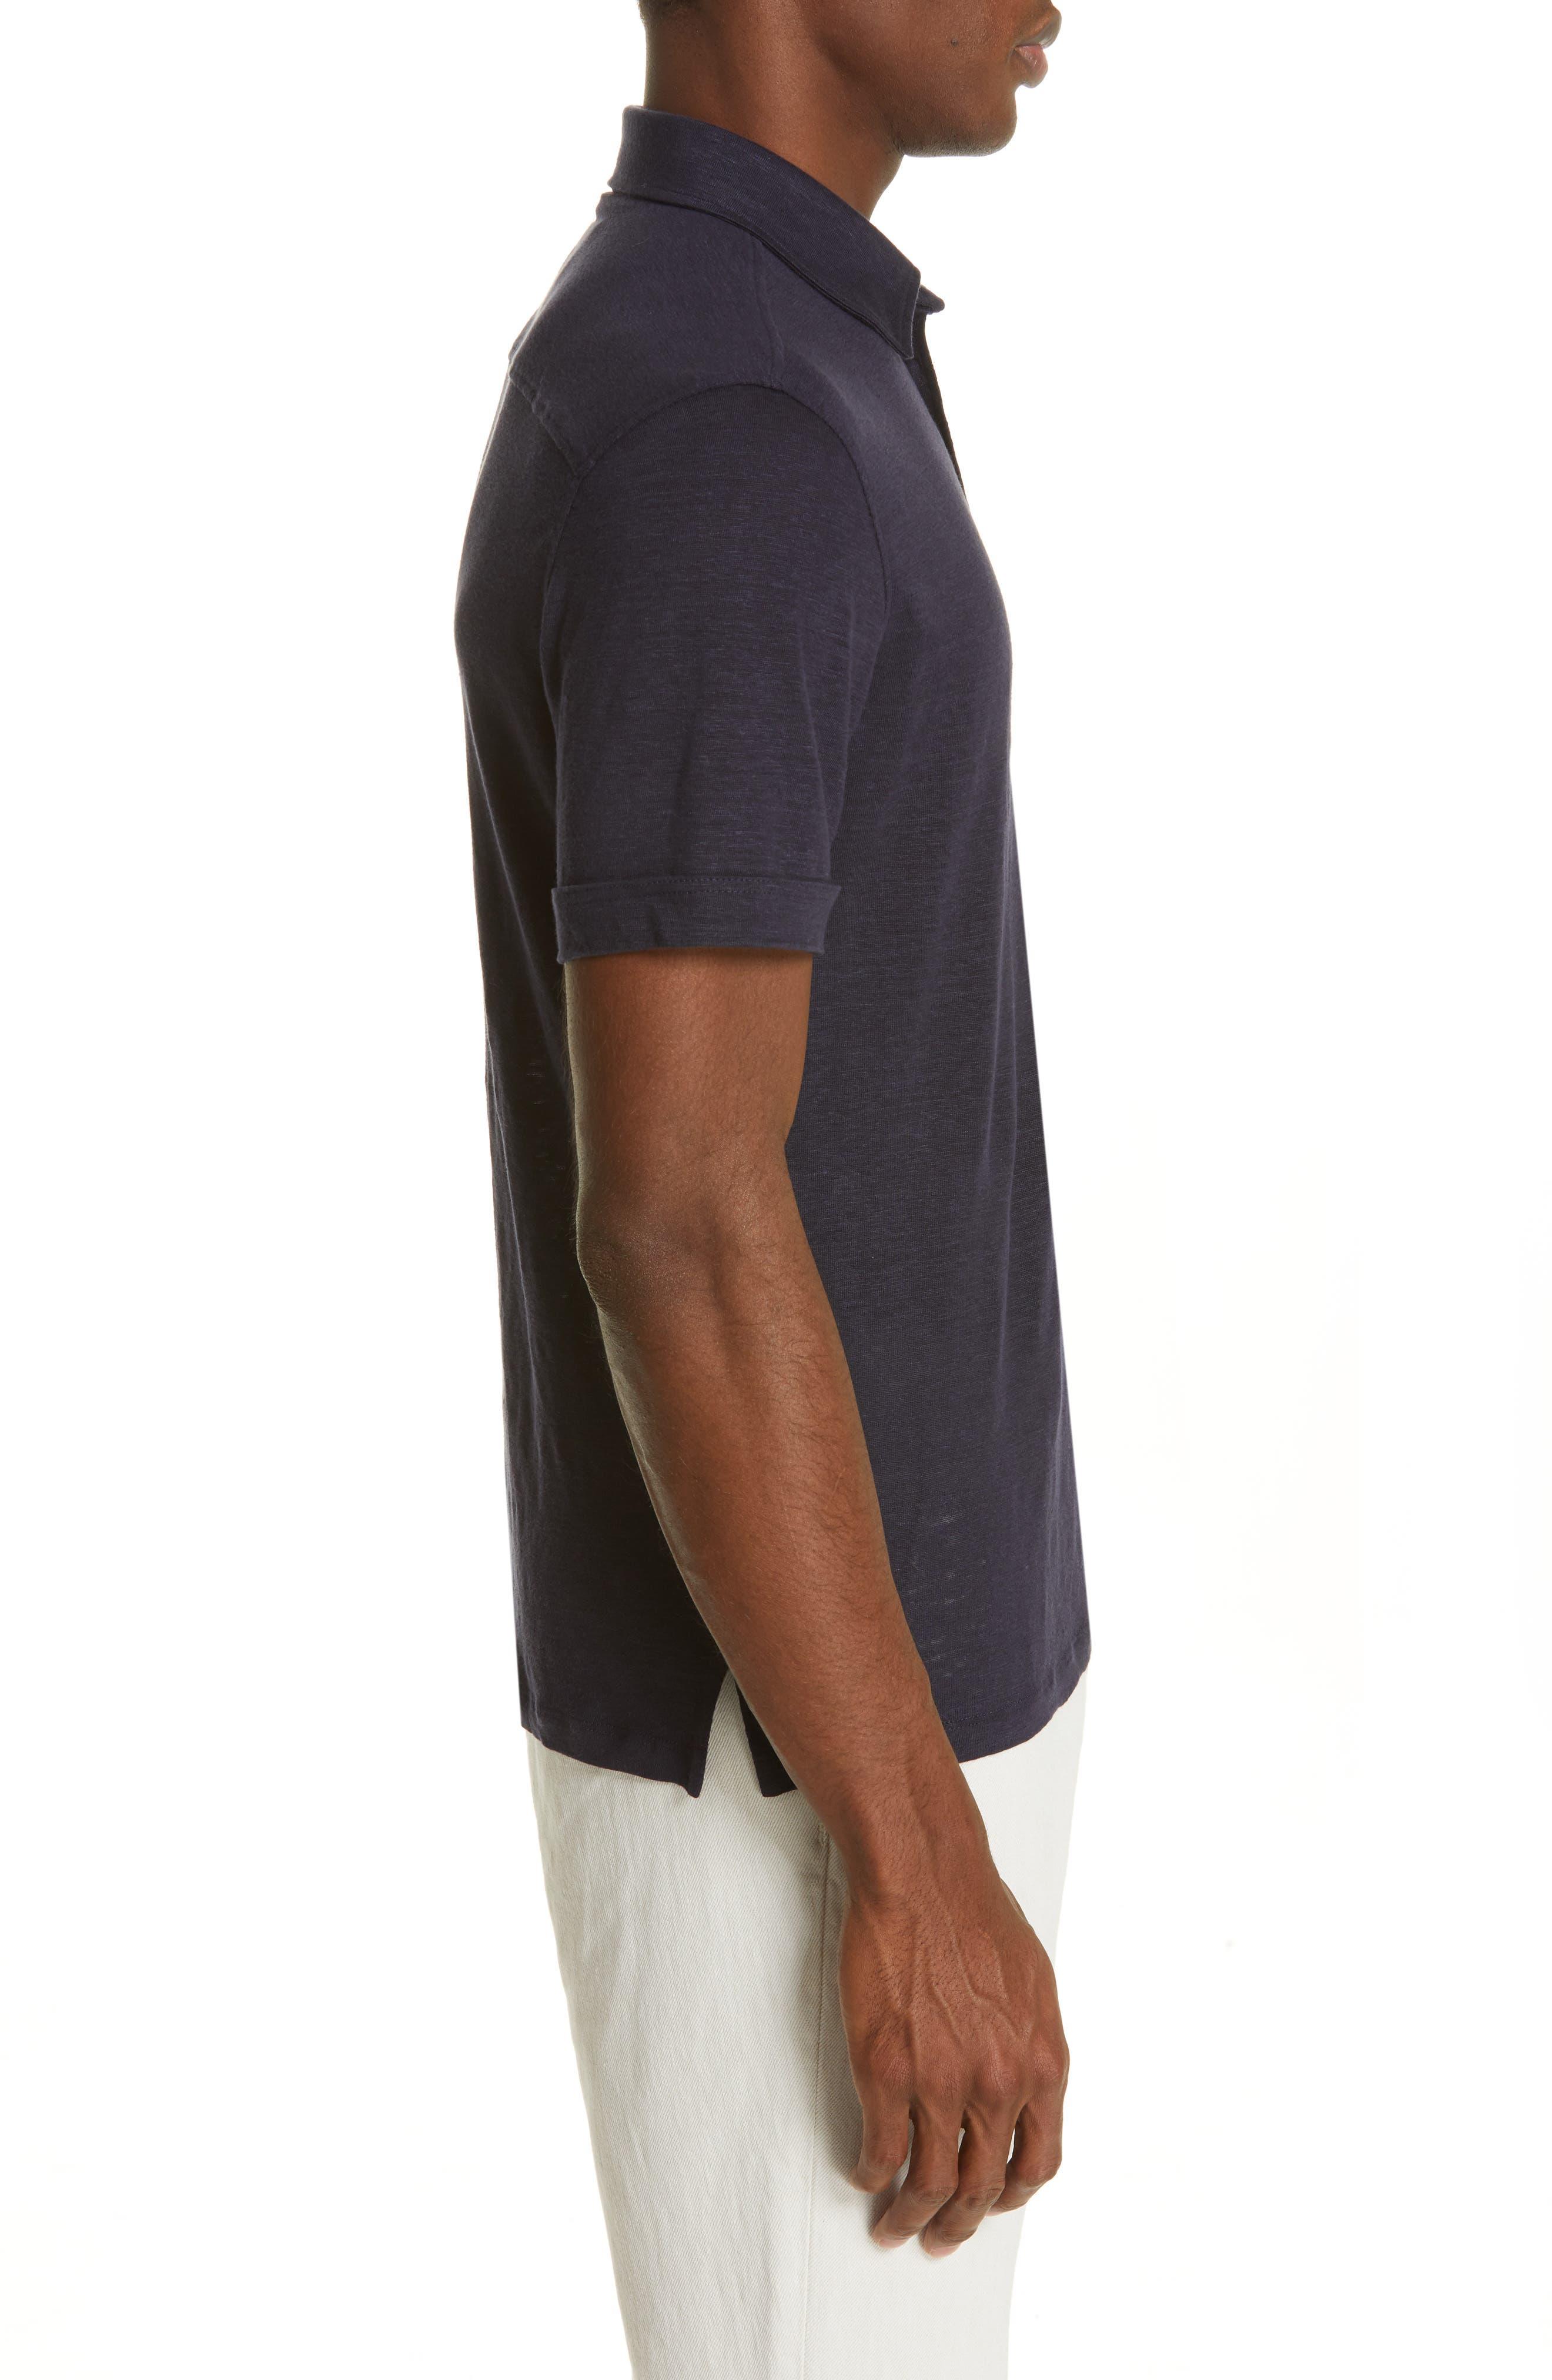 ERMENEGILDO ZEGNA, Ermenegilda Zegna Linen Polo Shirt, Alternate thumbnail 3, color, NAVY